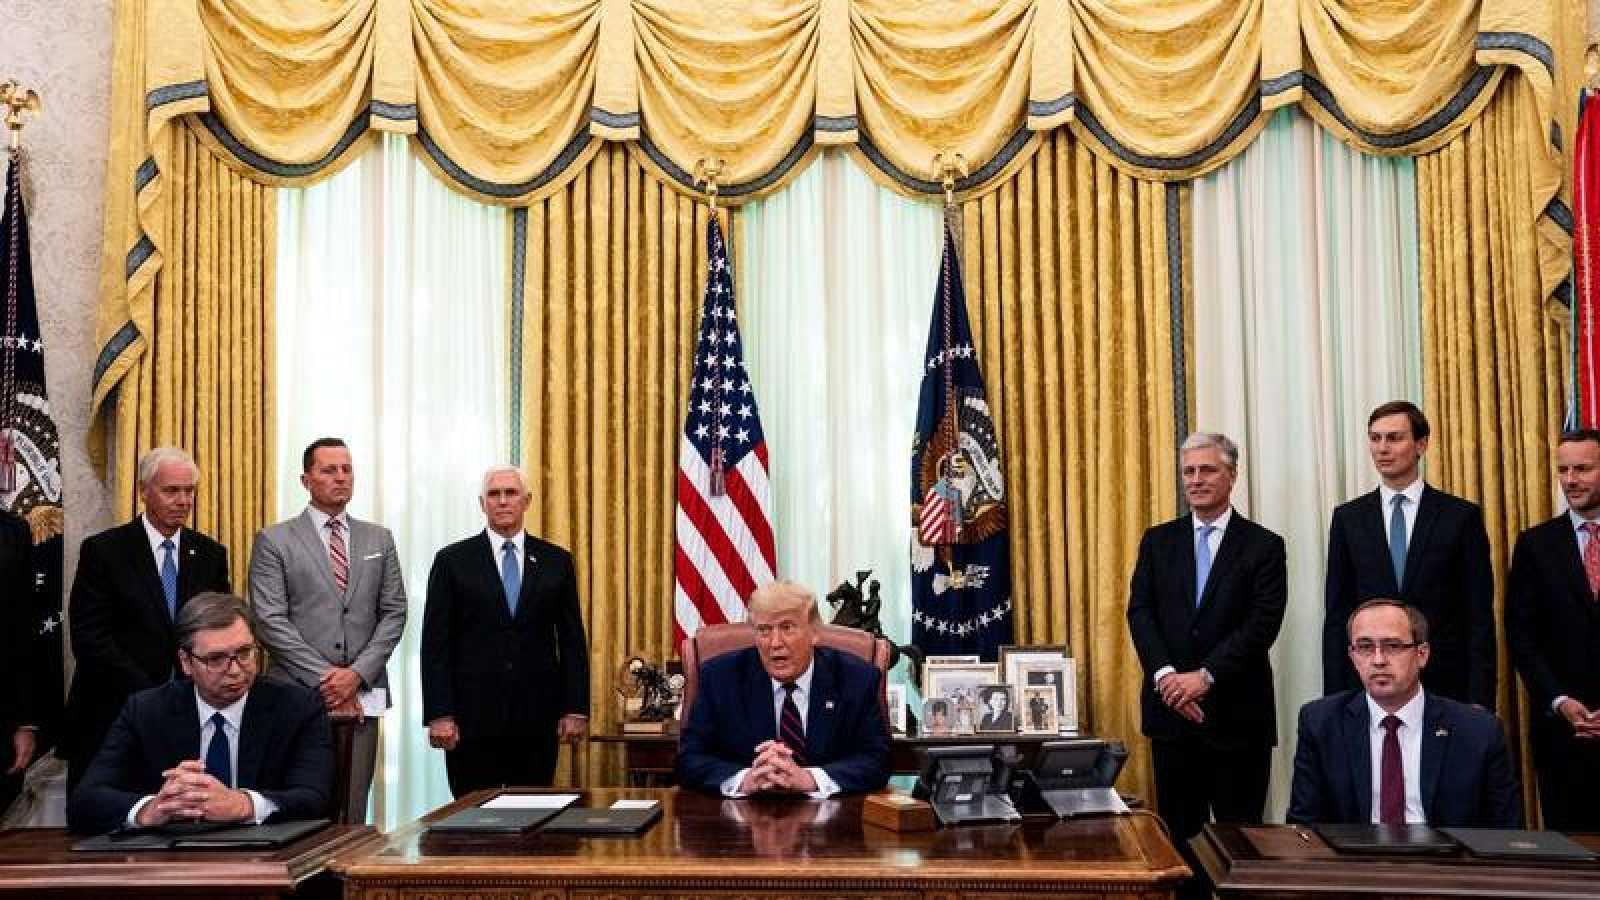 El presudente de la República de Serbia, Aleksandar Vucic (derecha), el presidente de EE.UU., Donald Trump (centro) y el primer ministro de la República de Kosovo, Avdullah Hoti (derecha)